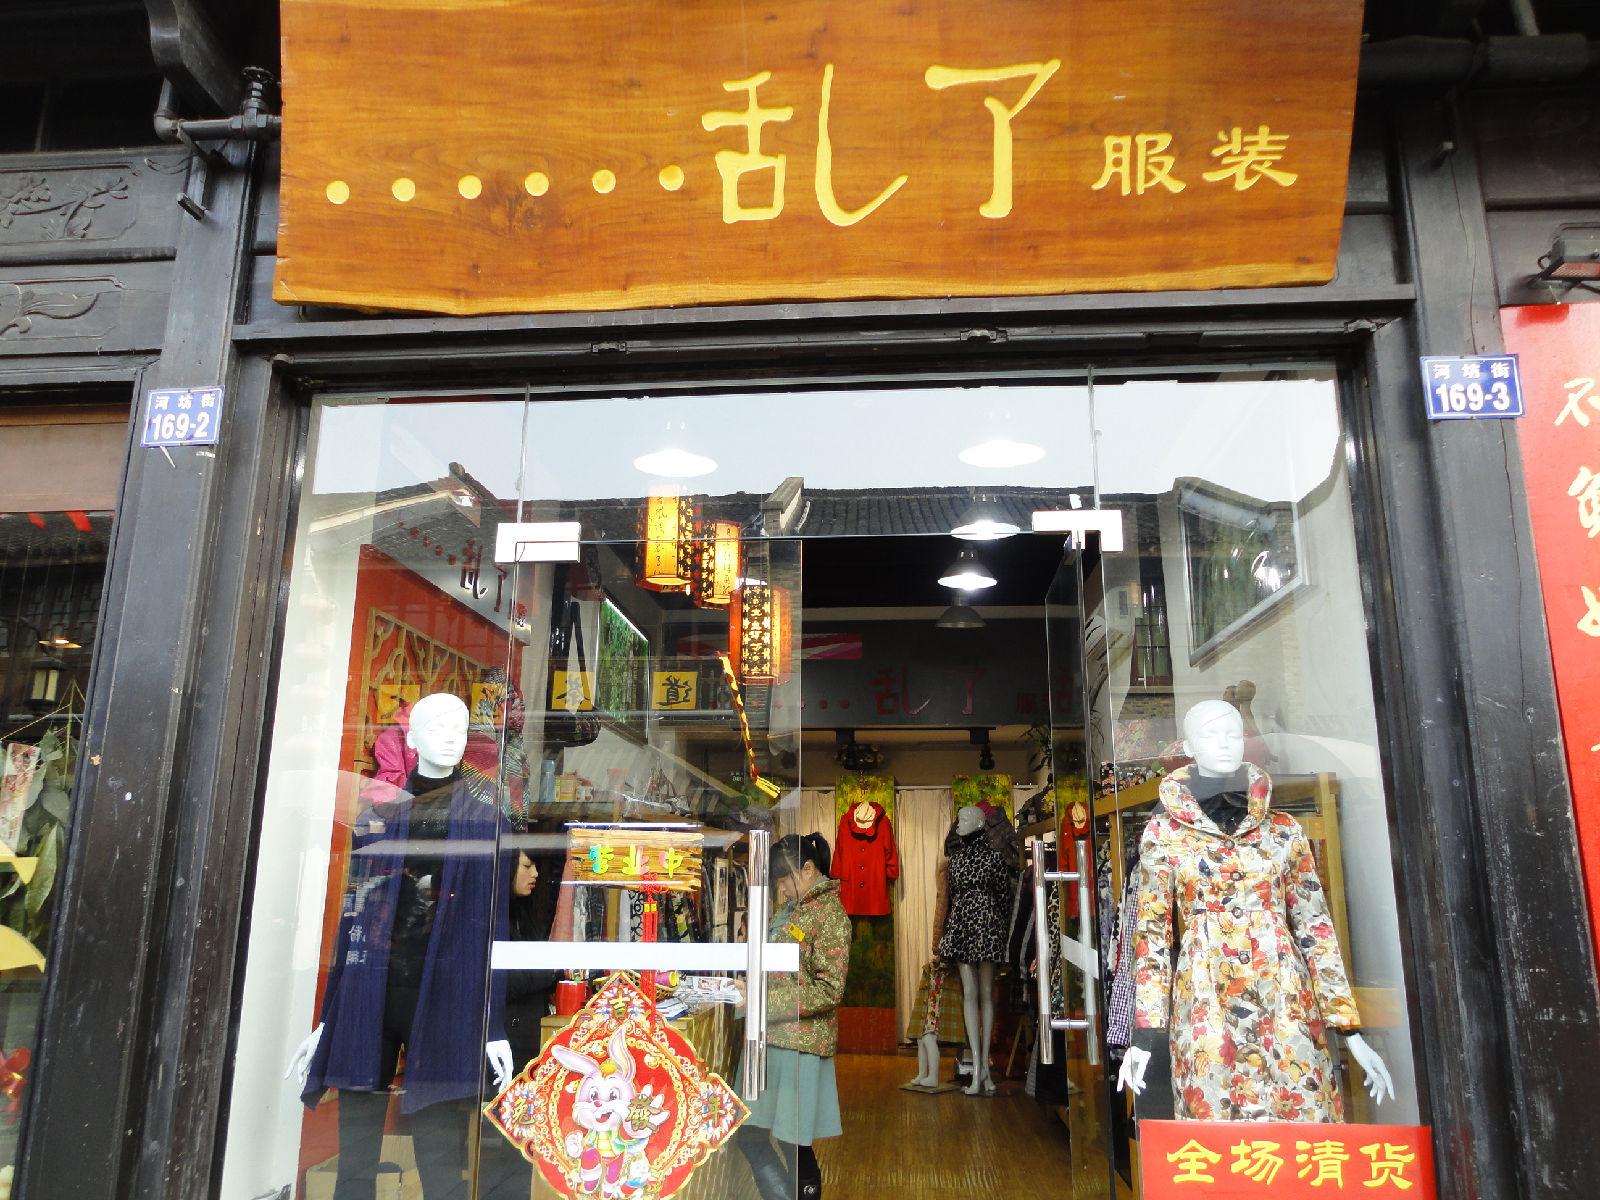 容城吧_回复:杭州河坊步行街(多图)_容城吧_百度贴吧